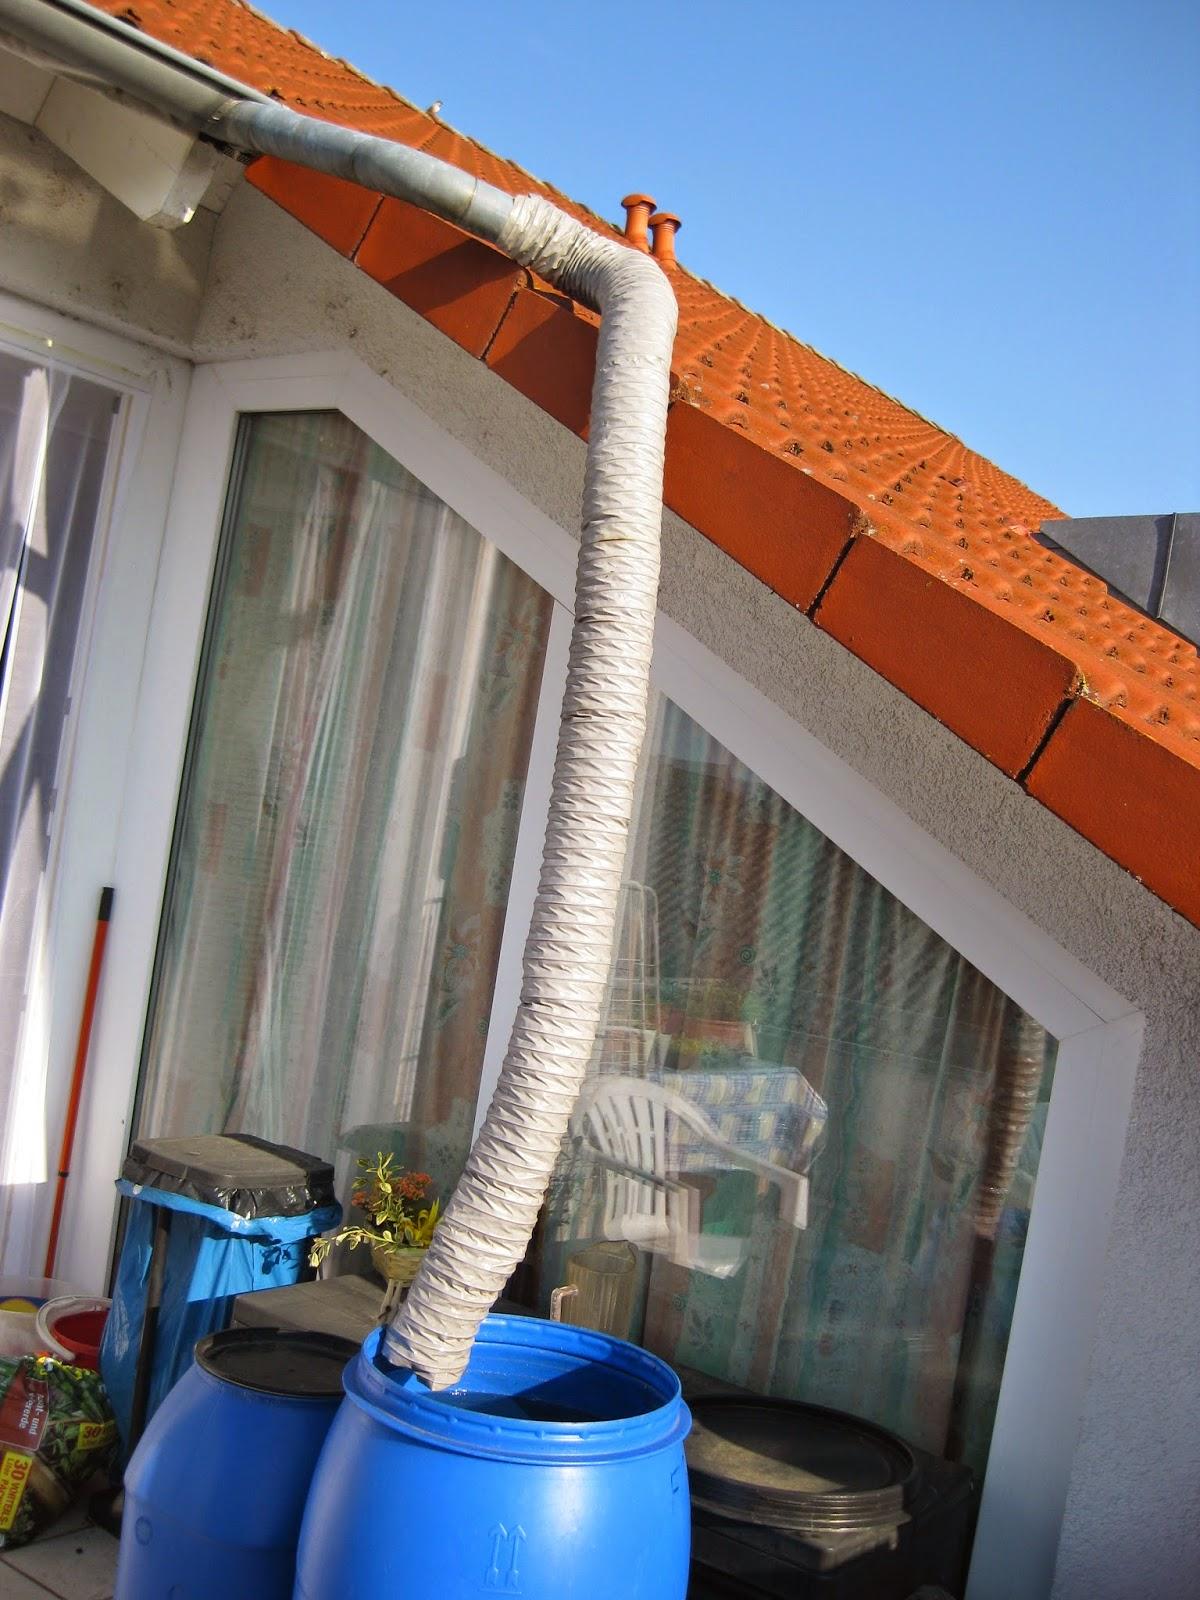 abenteuer einfaches leben mein balkongarten. Black Bedroom Furniture Sets. Home Design Ideas